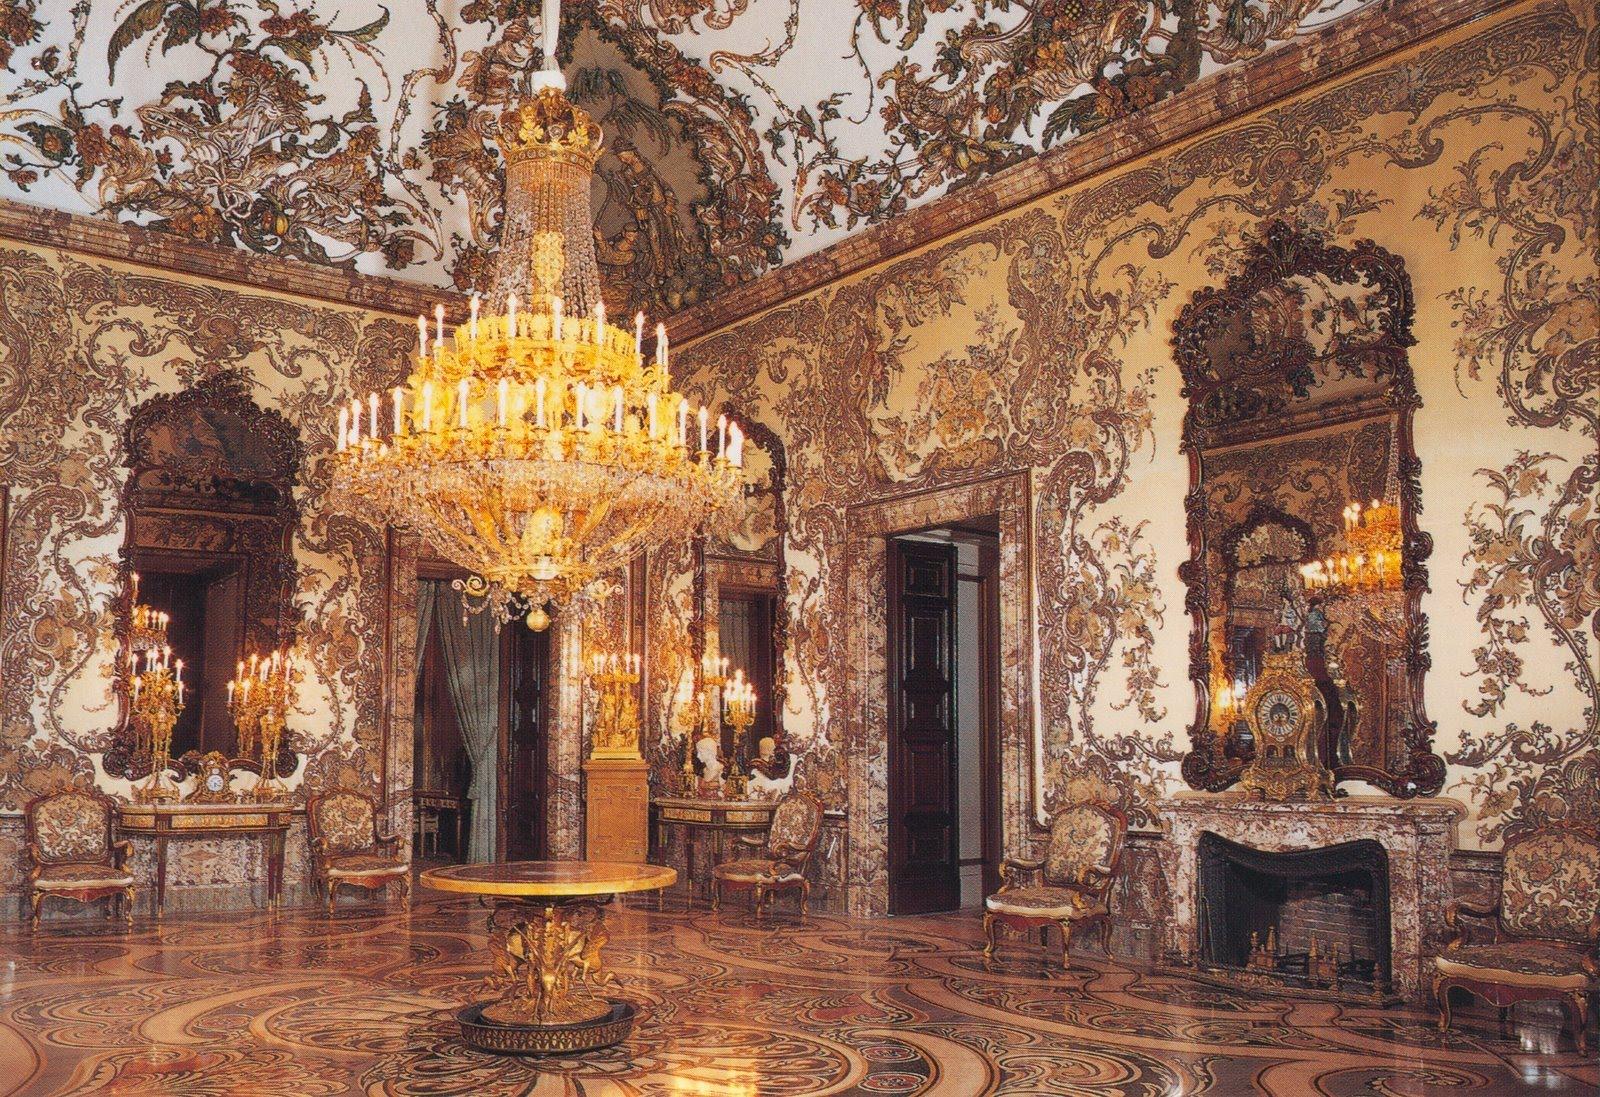 Interiorul este de o frumuseţe aparte